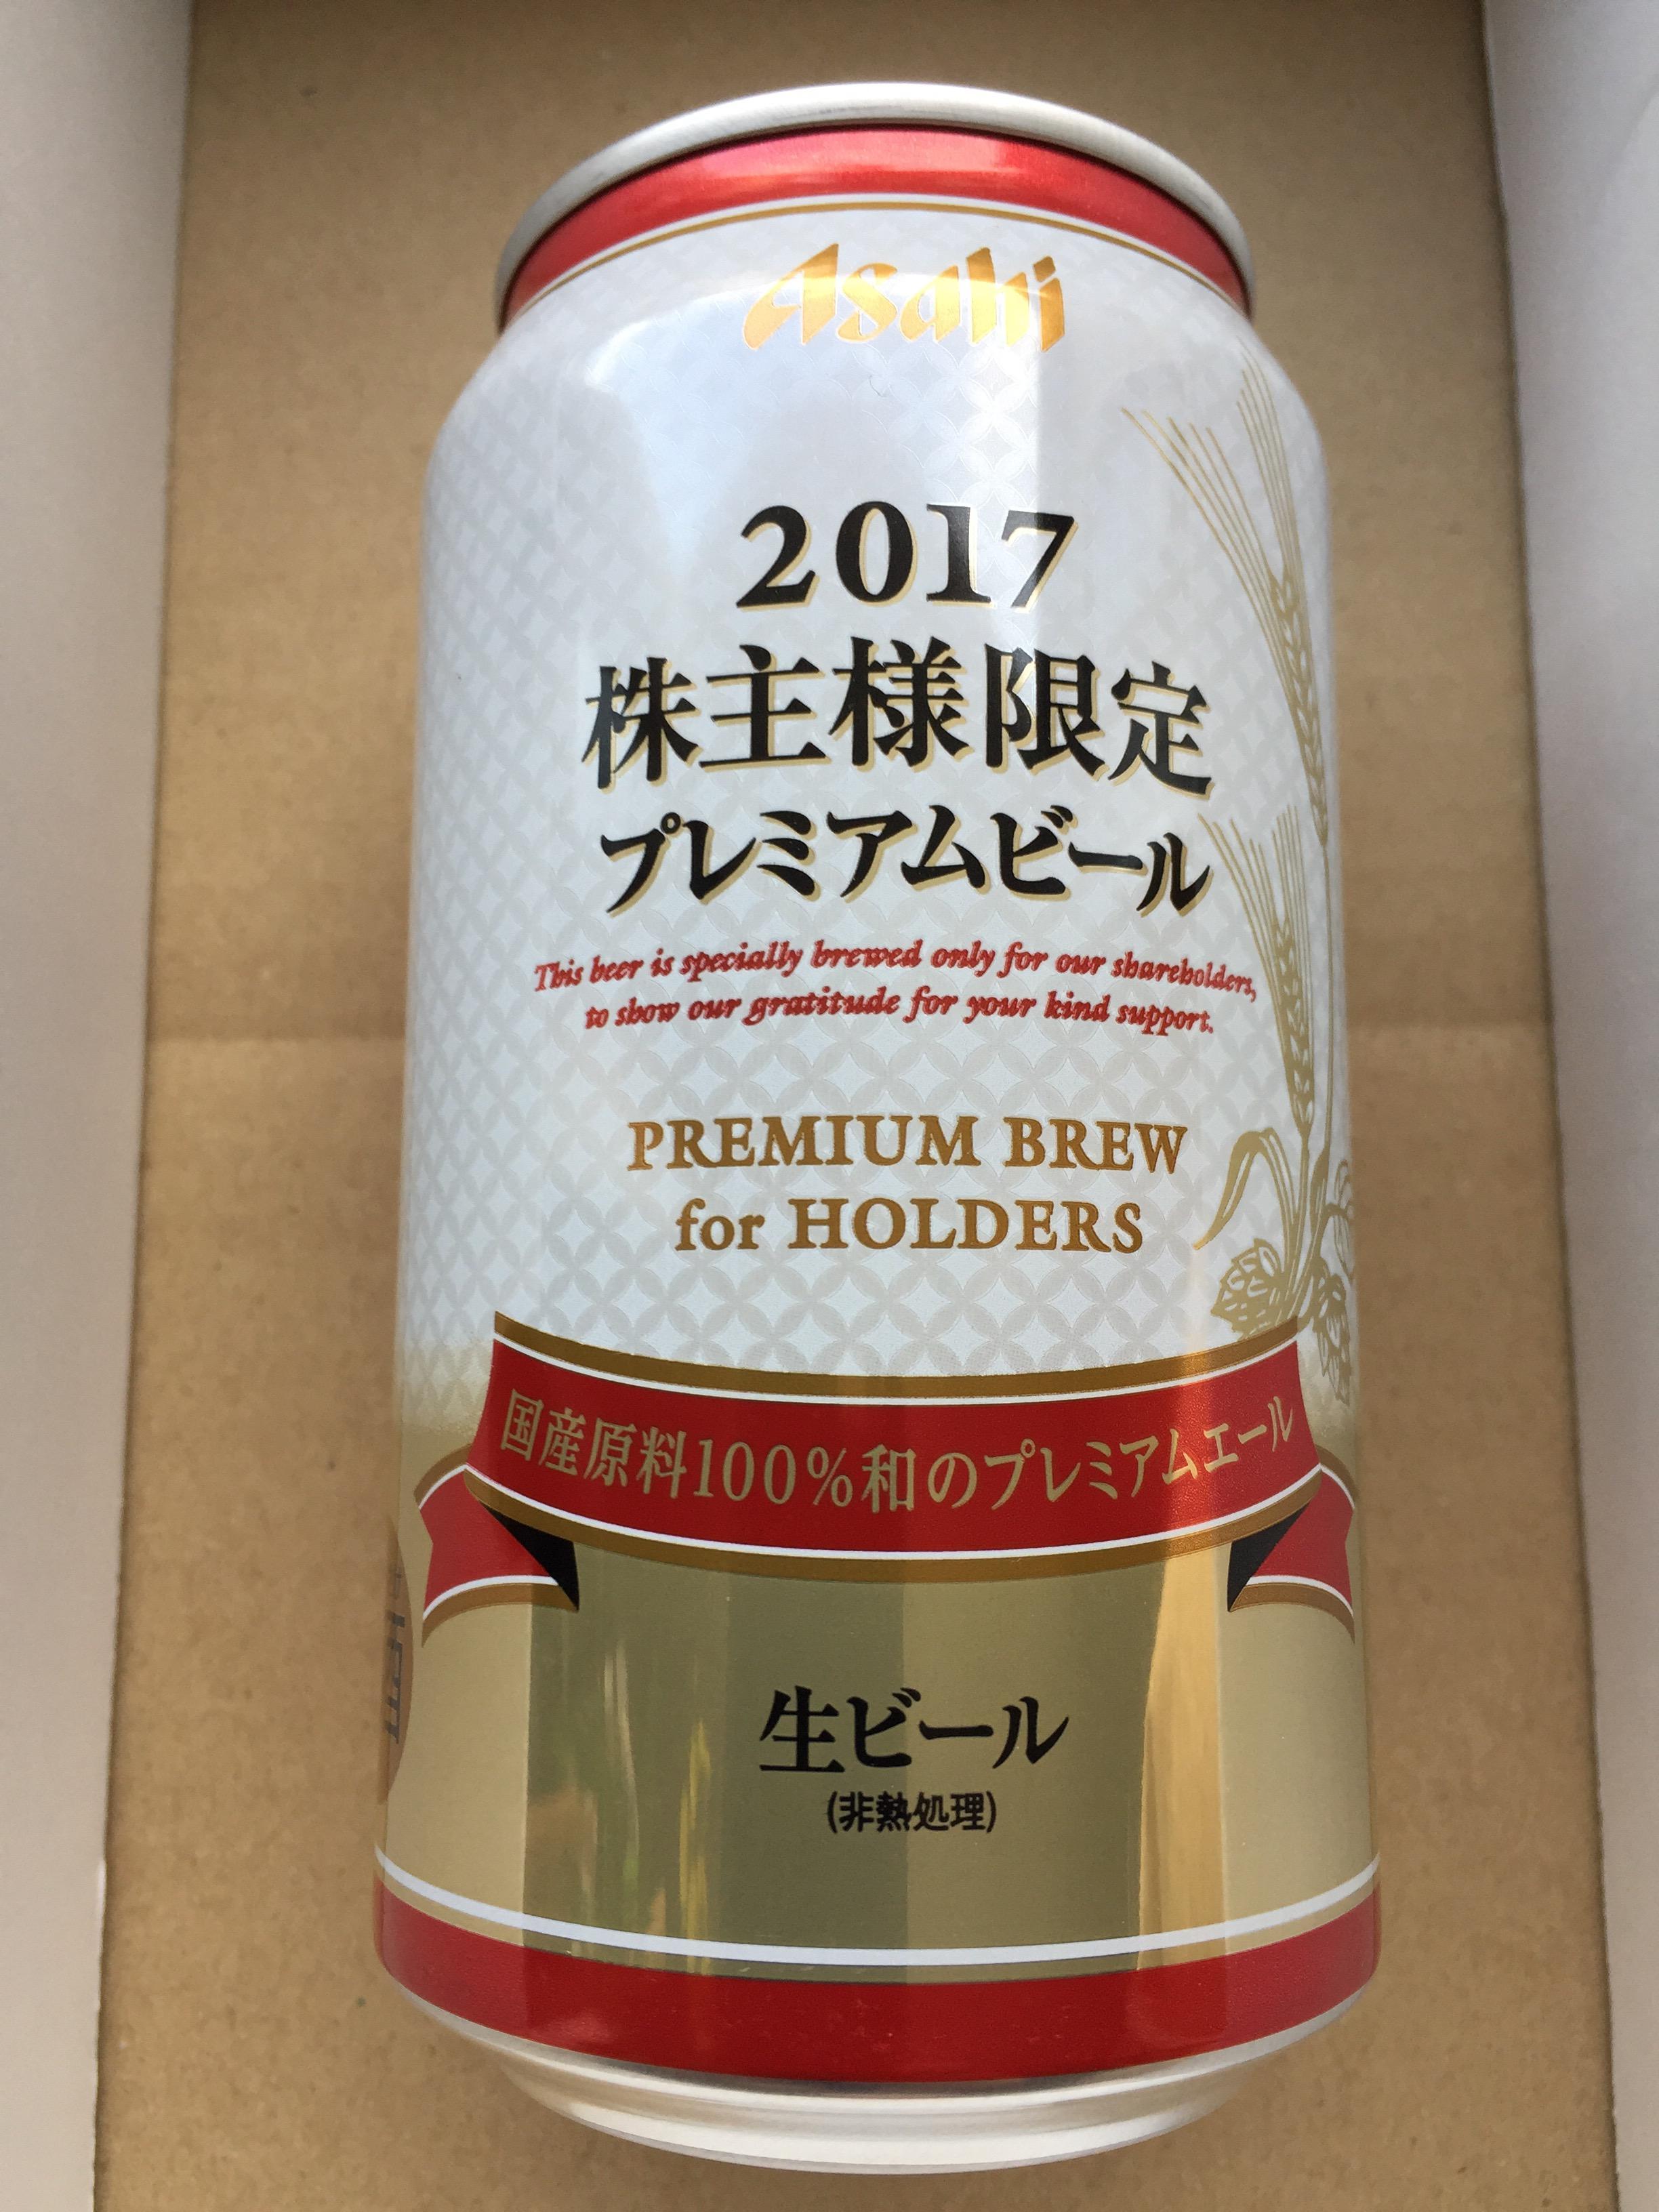 アサヒグループHDの株主優待 株主限定プレミアムビール!